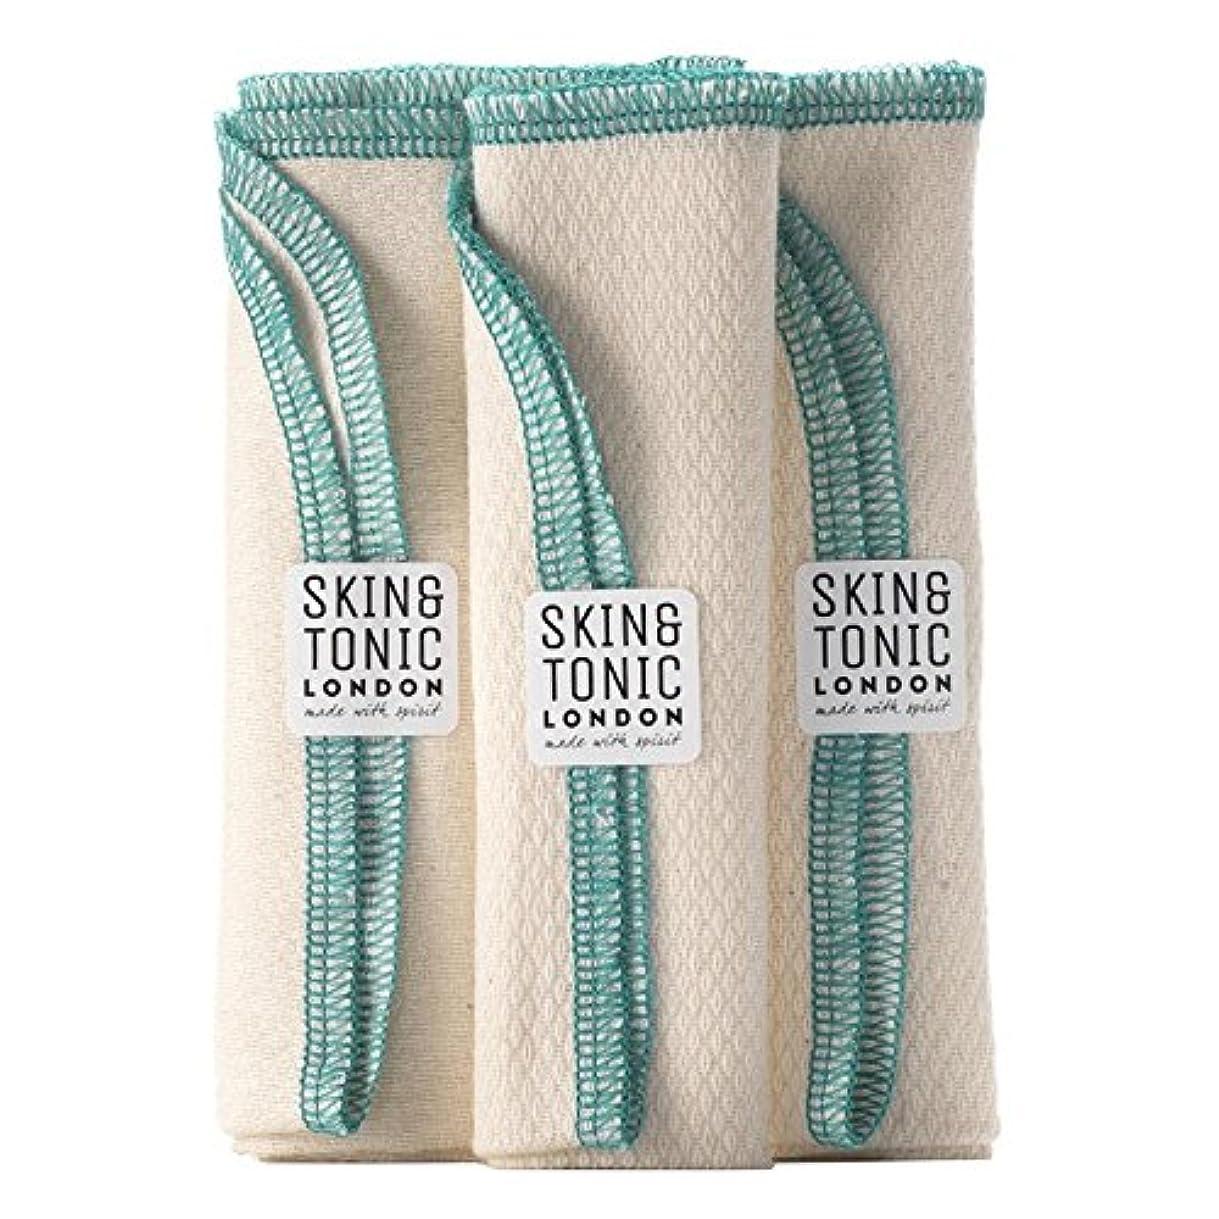 クリーナーニュースのりスキン&トニックロンドンオーガニックコットン生地 x4 - Skin & Tonic London Organic Cotton Cloth (Pack of 4) [並行輸入品]